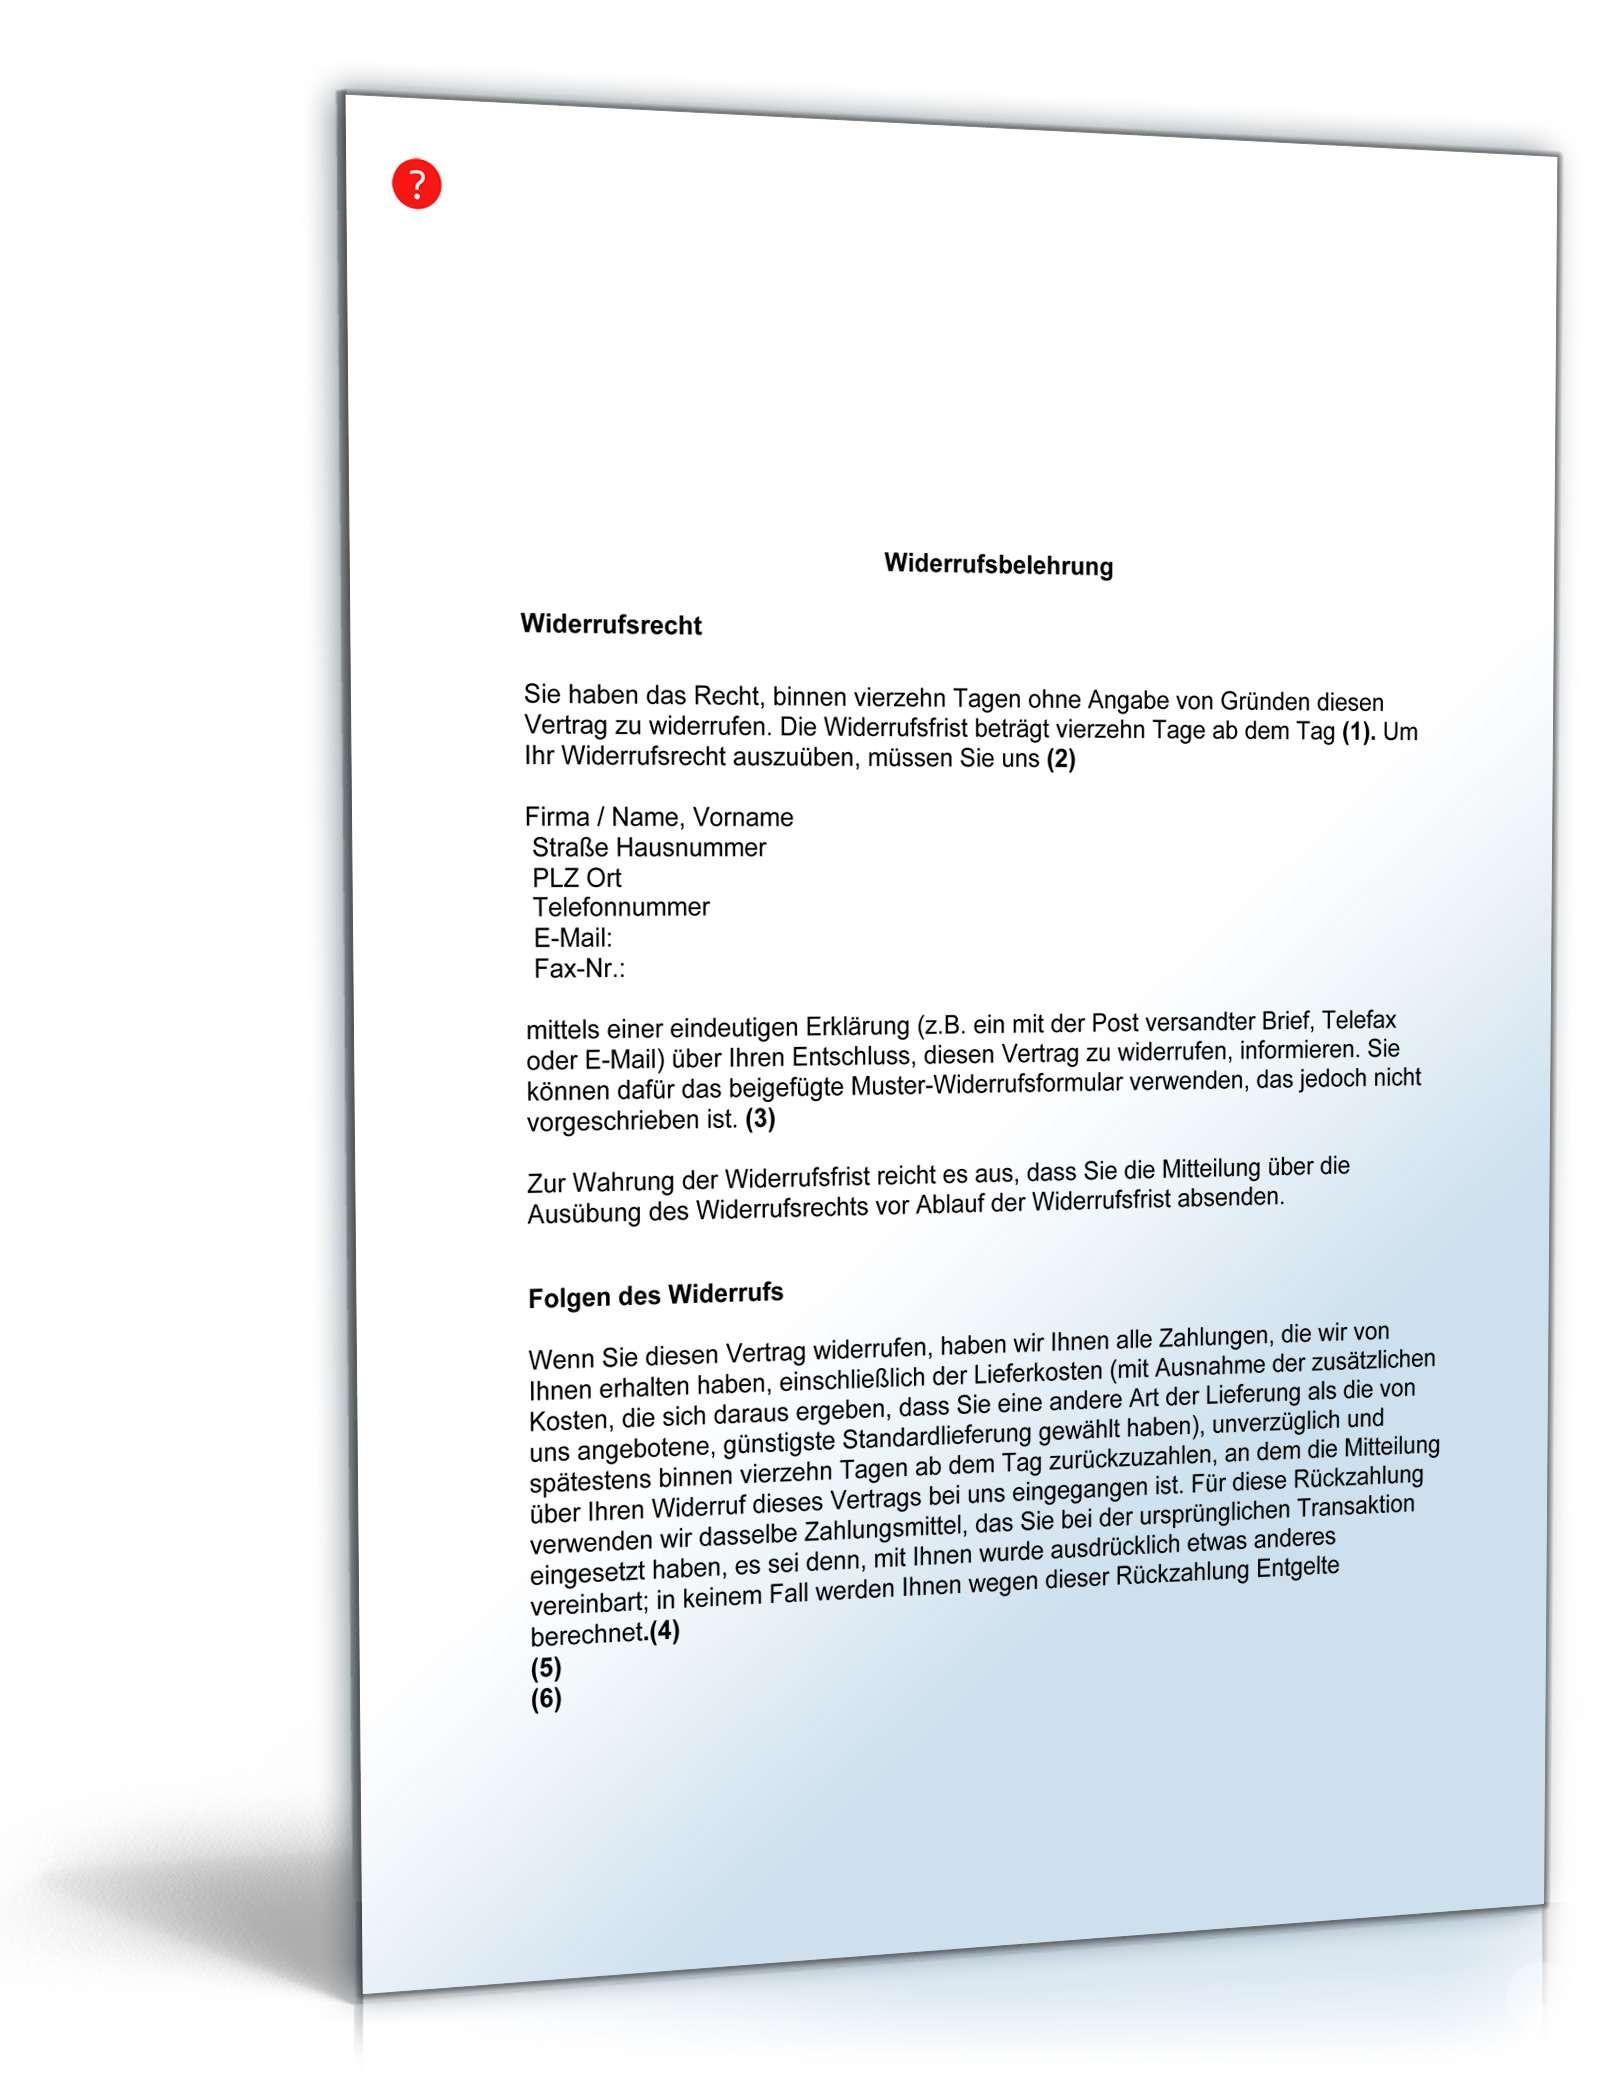 widerrufsbelehrung fernabsatzgesch ft muster zum download. Black Bedroom Furniture Sets. Home Design Ideas